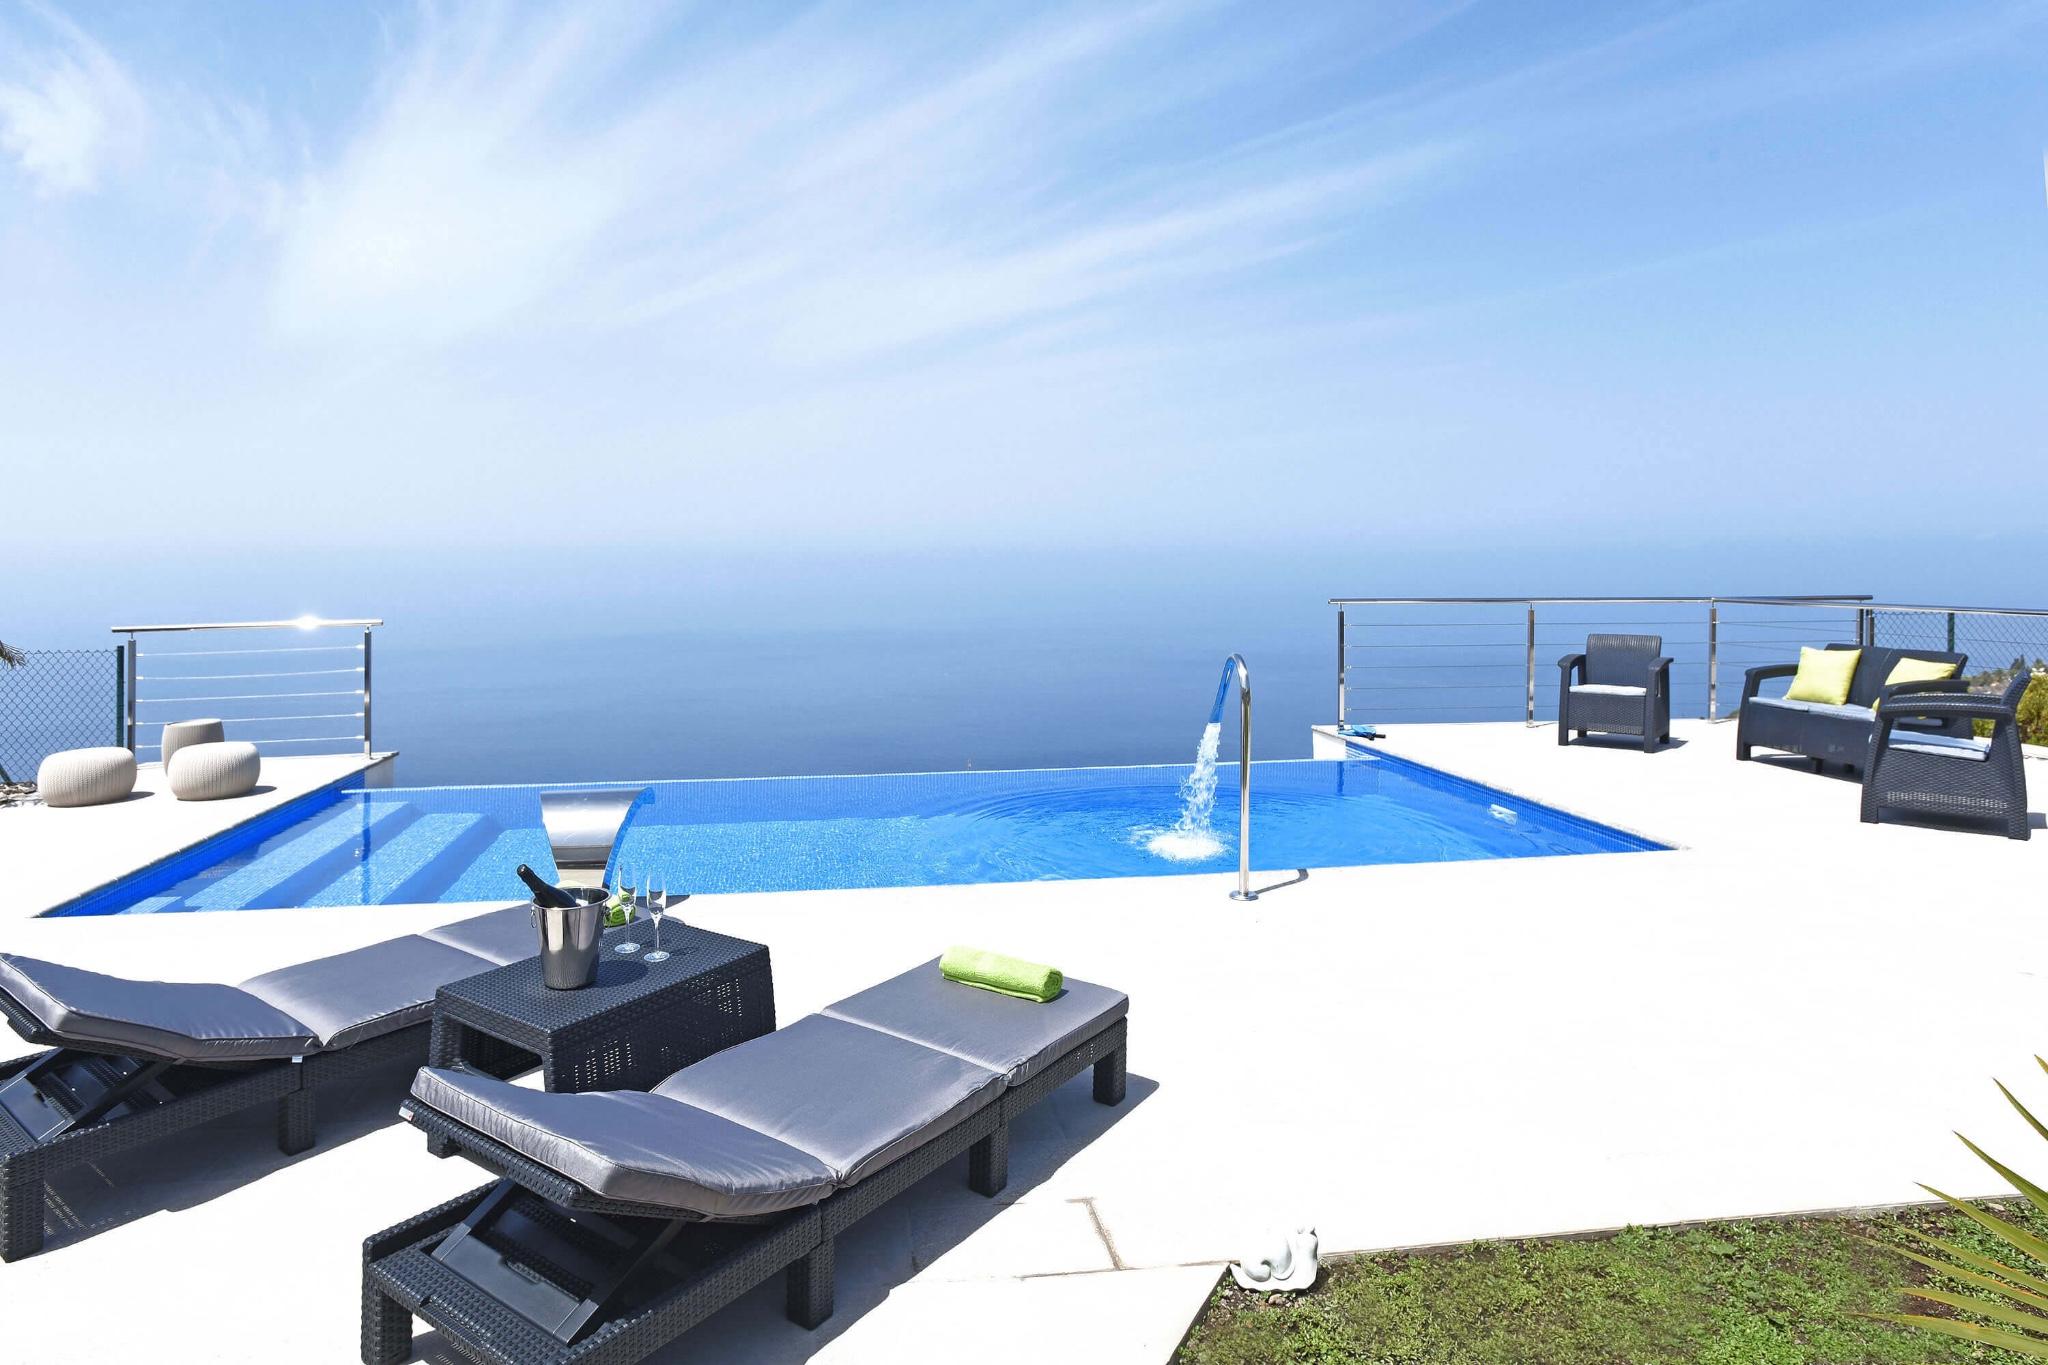 Feriehus nyrenoveret i moderne stil i det smukke område Tijarafe med stor terrasse med pool og panoramaudsigt over havet